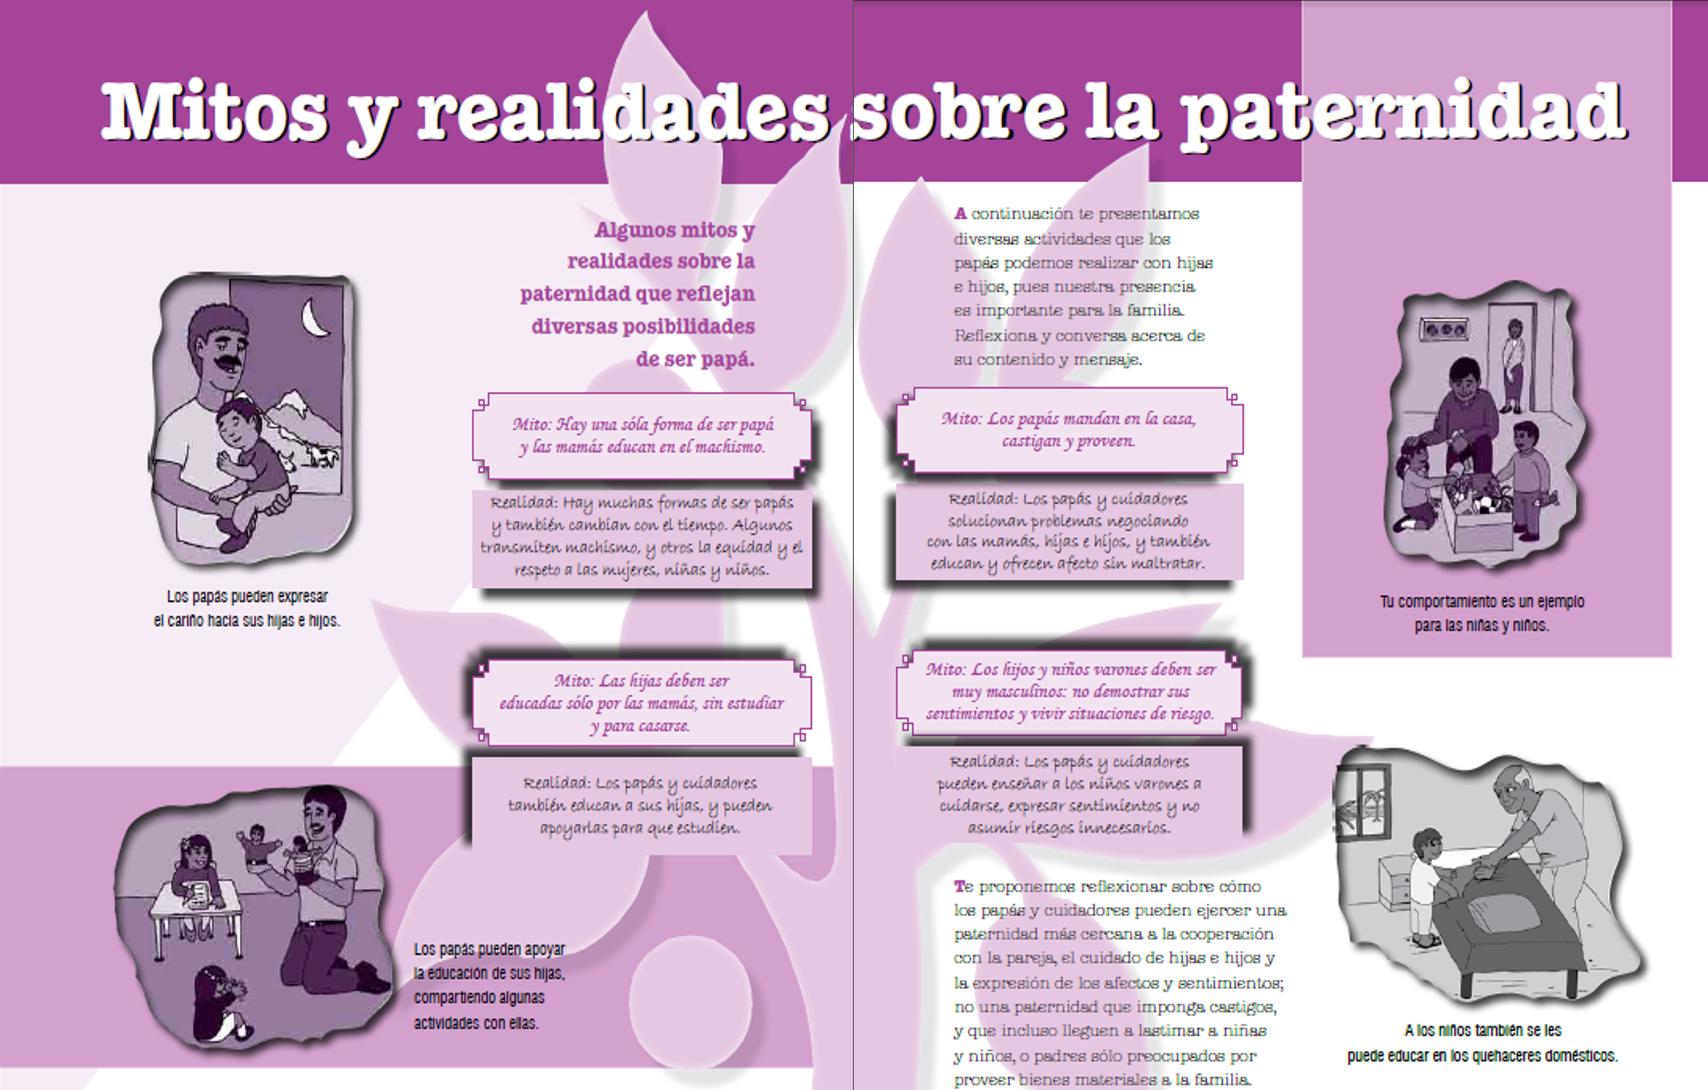 Mitos y realidades paternidad responsable for Paternidad responsable